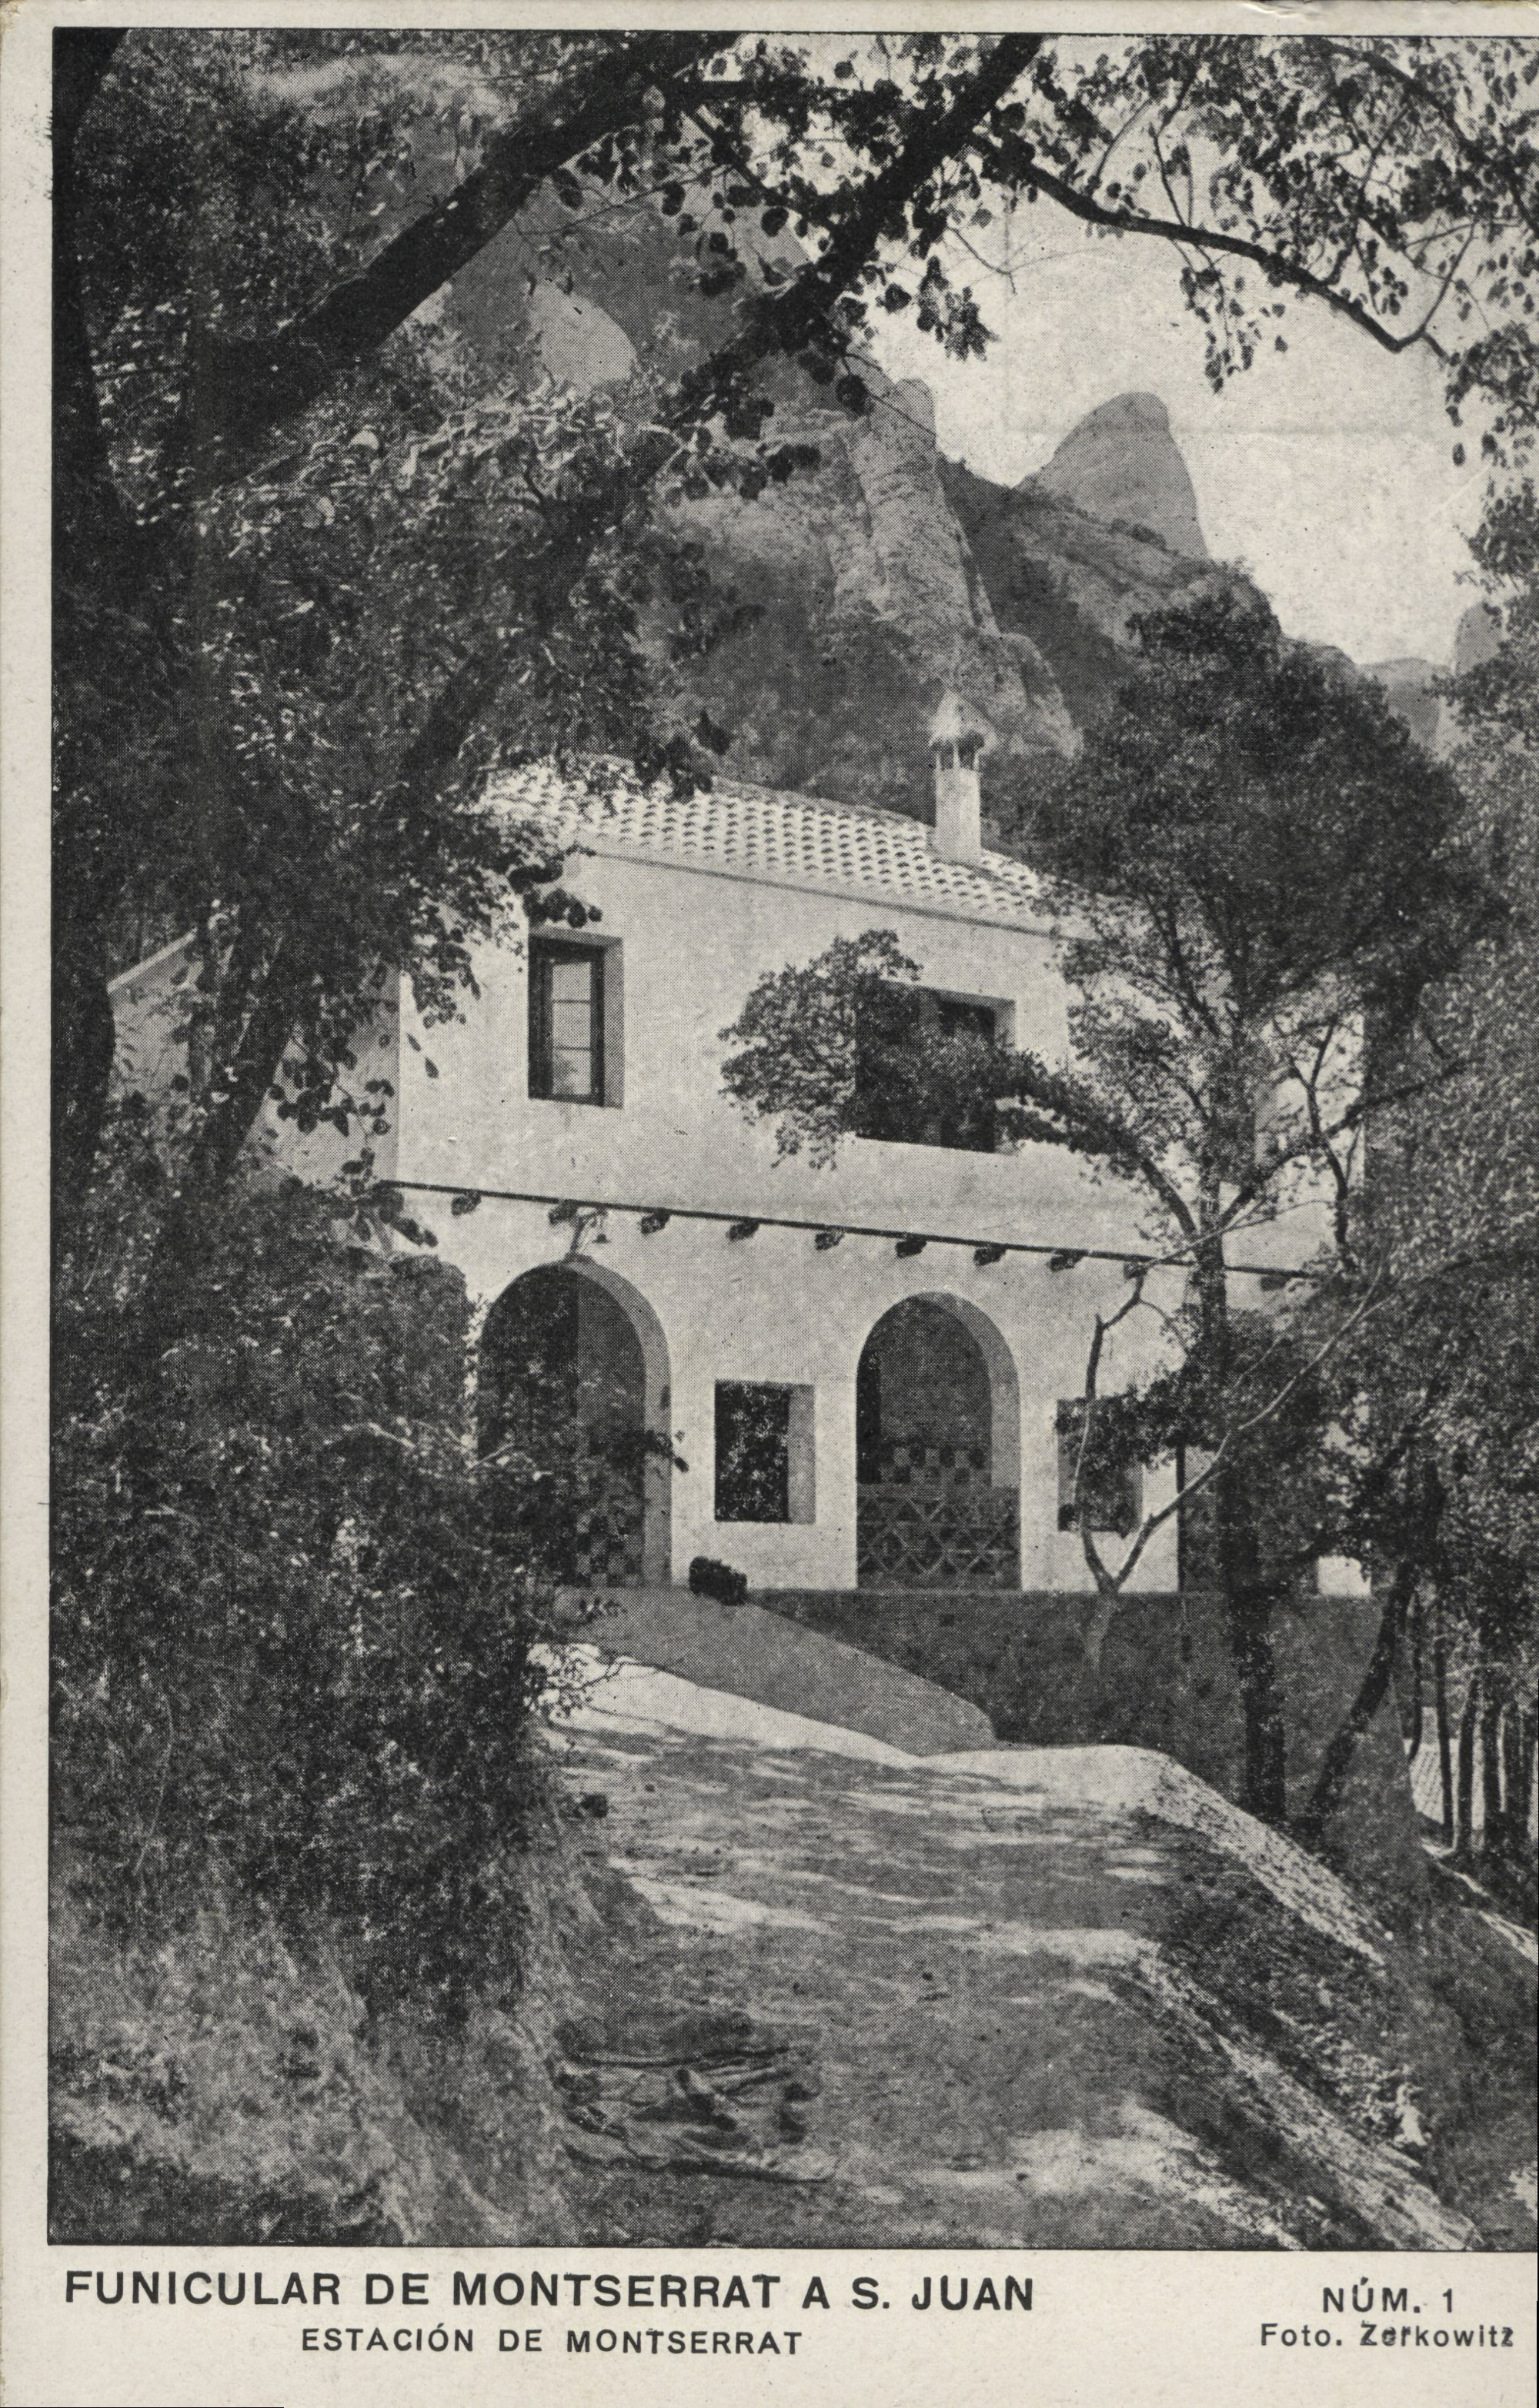 Montserrat album de postals 20101125145325261 girada girada